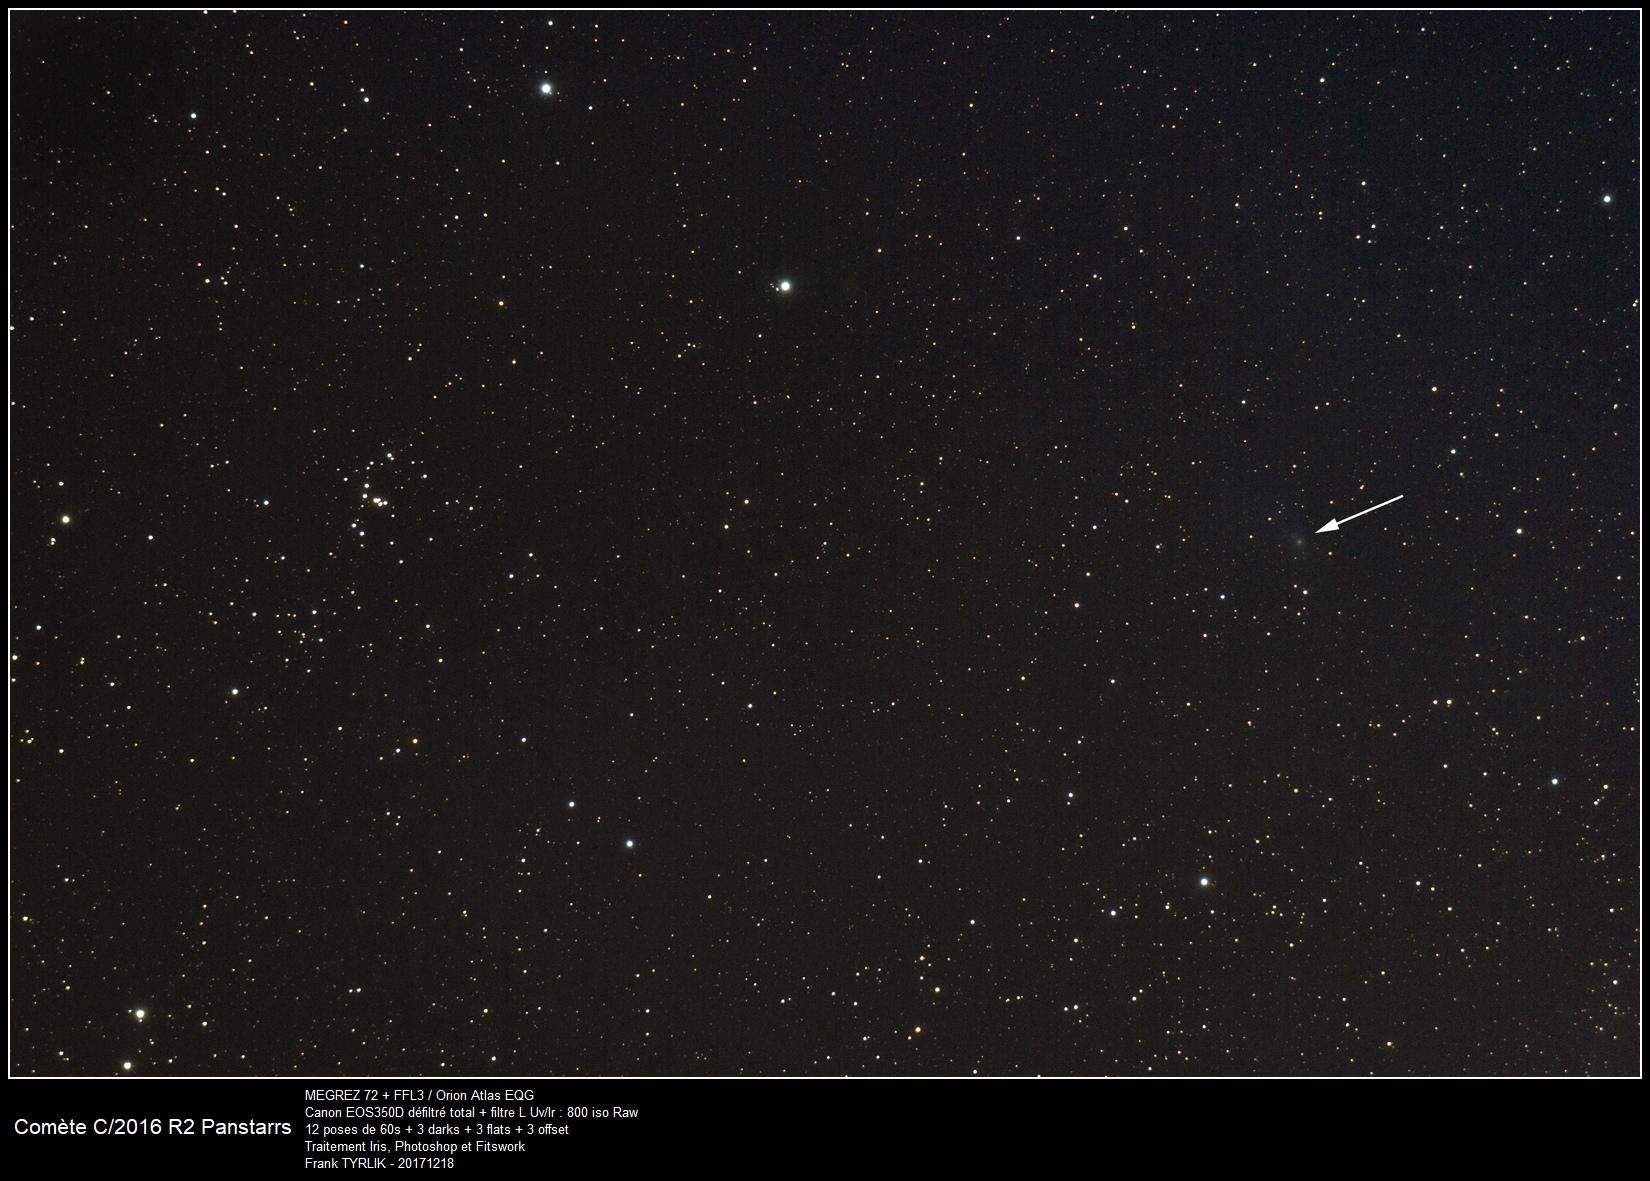 Comète C/2016 R2 Panstarrs